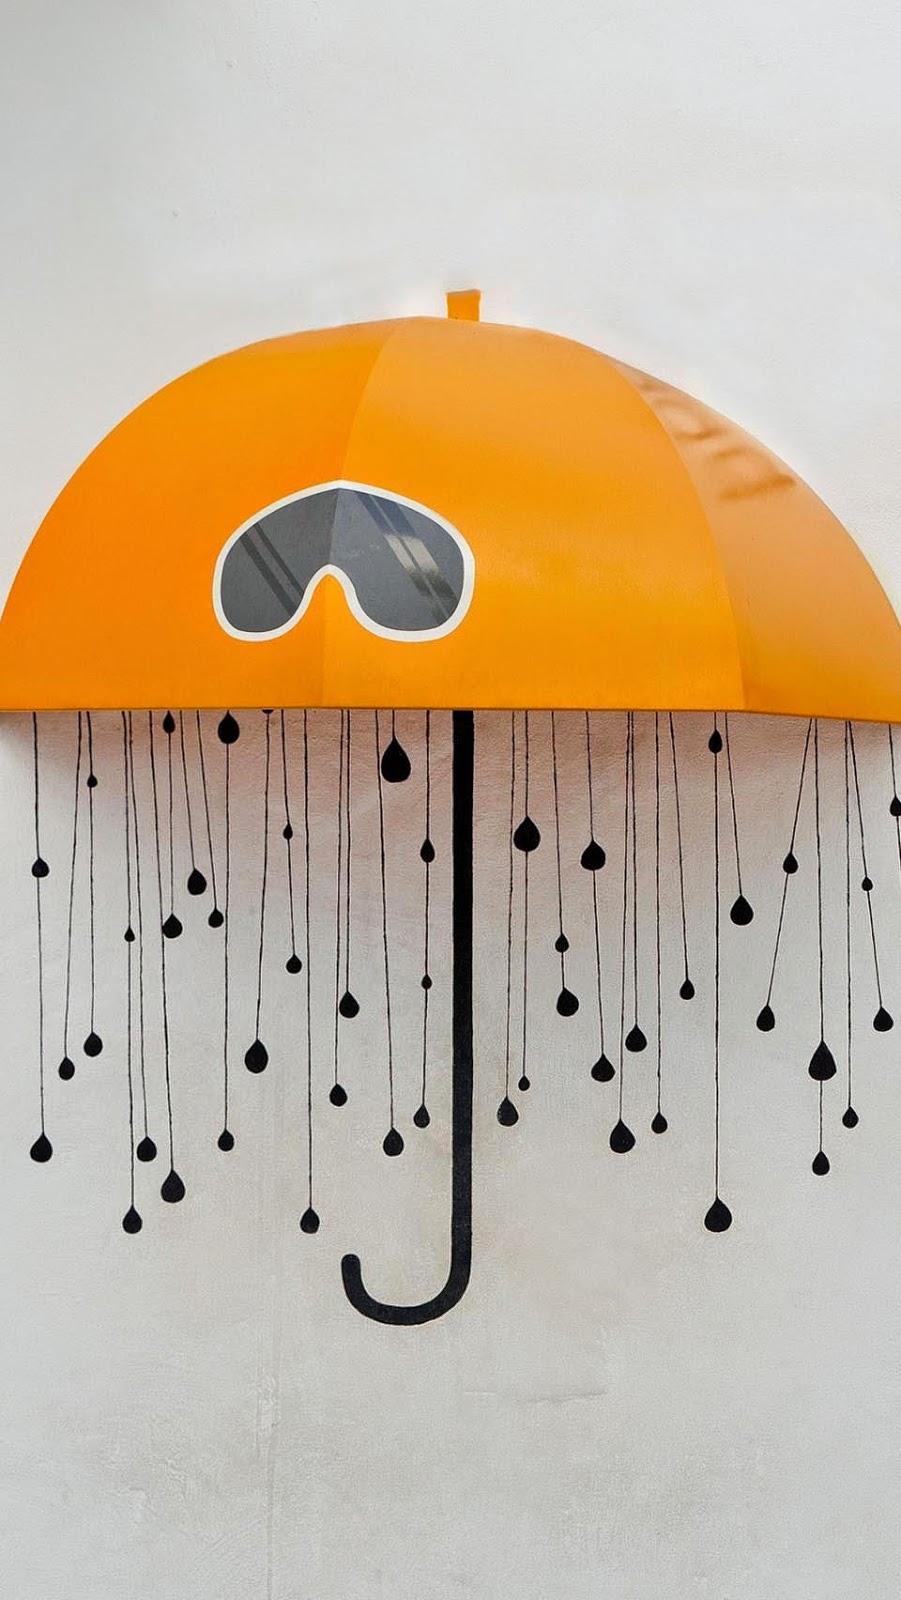 Wallpaper iphone umbrella - Iphone 6 Plus Wallpaper Umbrella